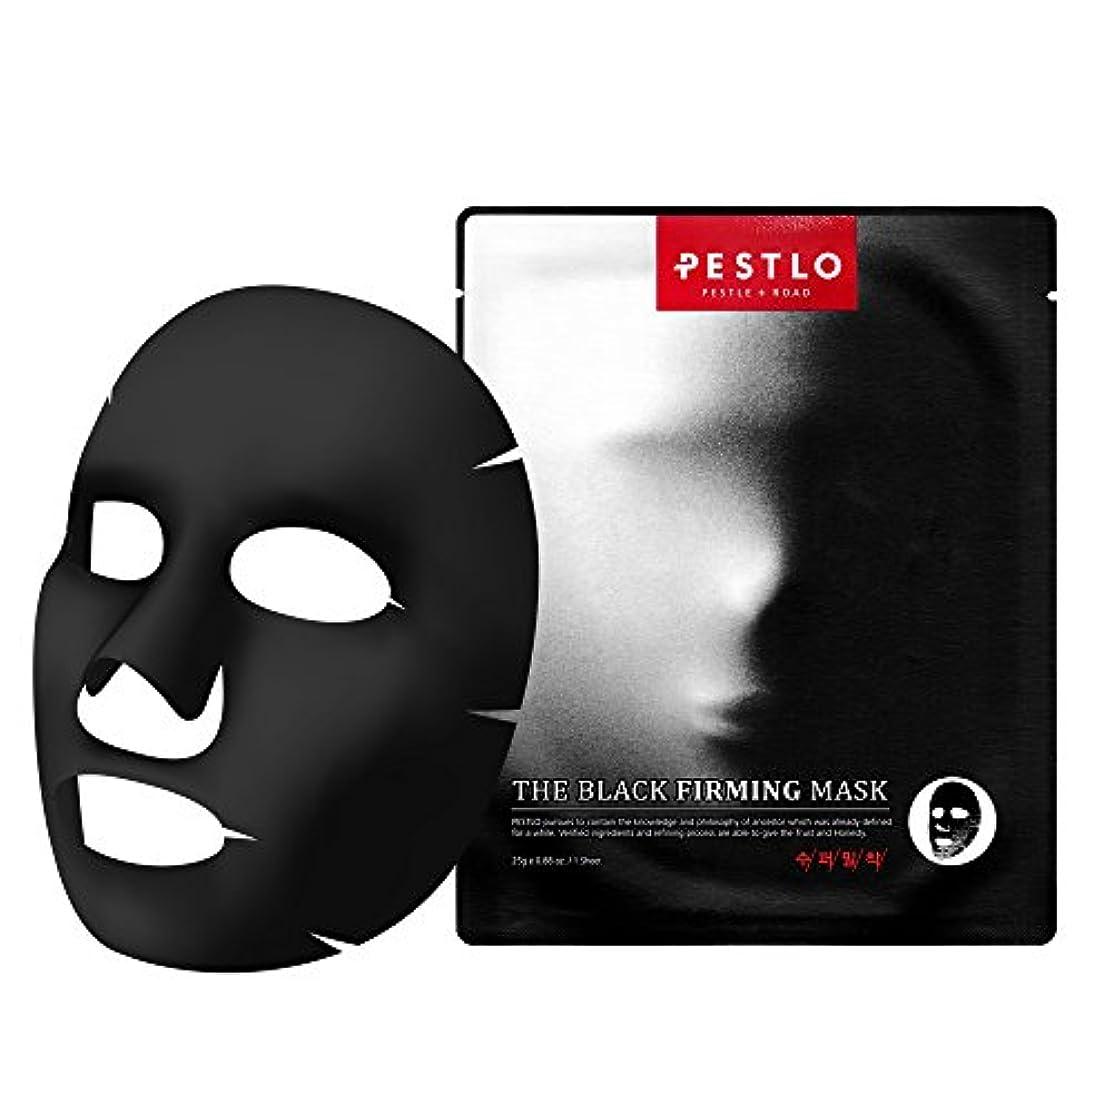 怖がらせる警戒軍団Pestlo The Black Firming Mask 7 Sheets 【ペスロザブラックファーミングマスク】 - モイスチャ 抗酸化効果 透明スキンケア 韓国コスメ 1シート / 25g